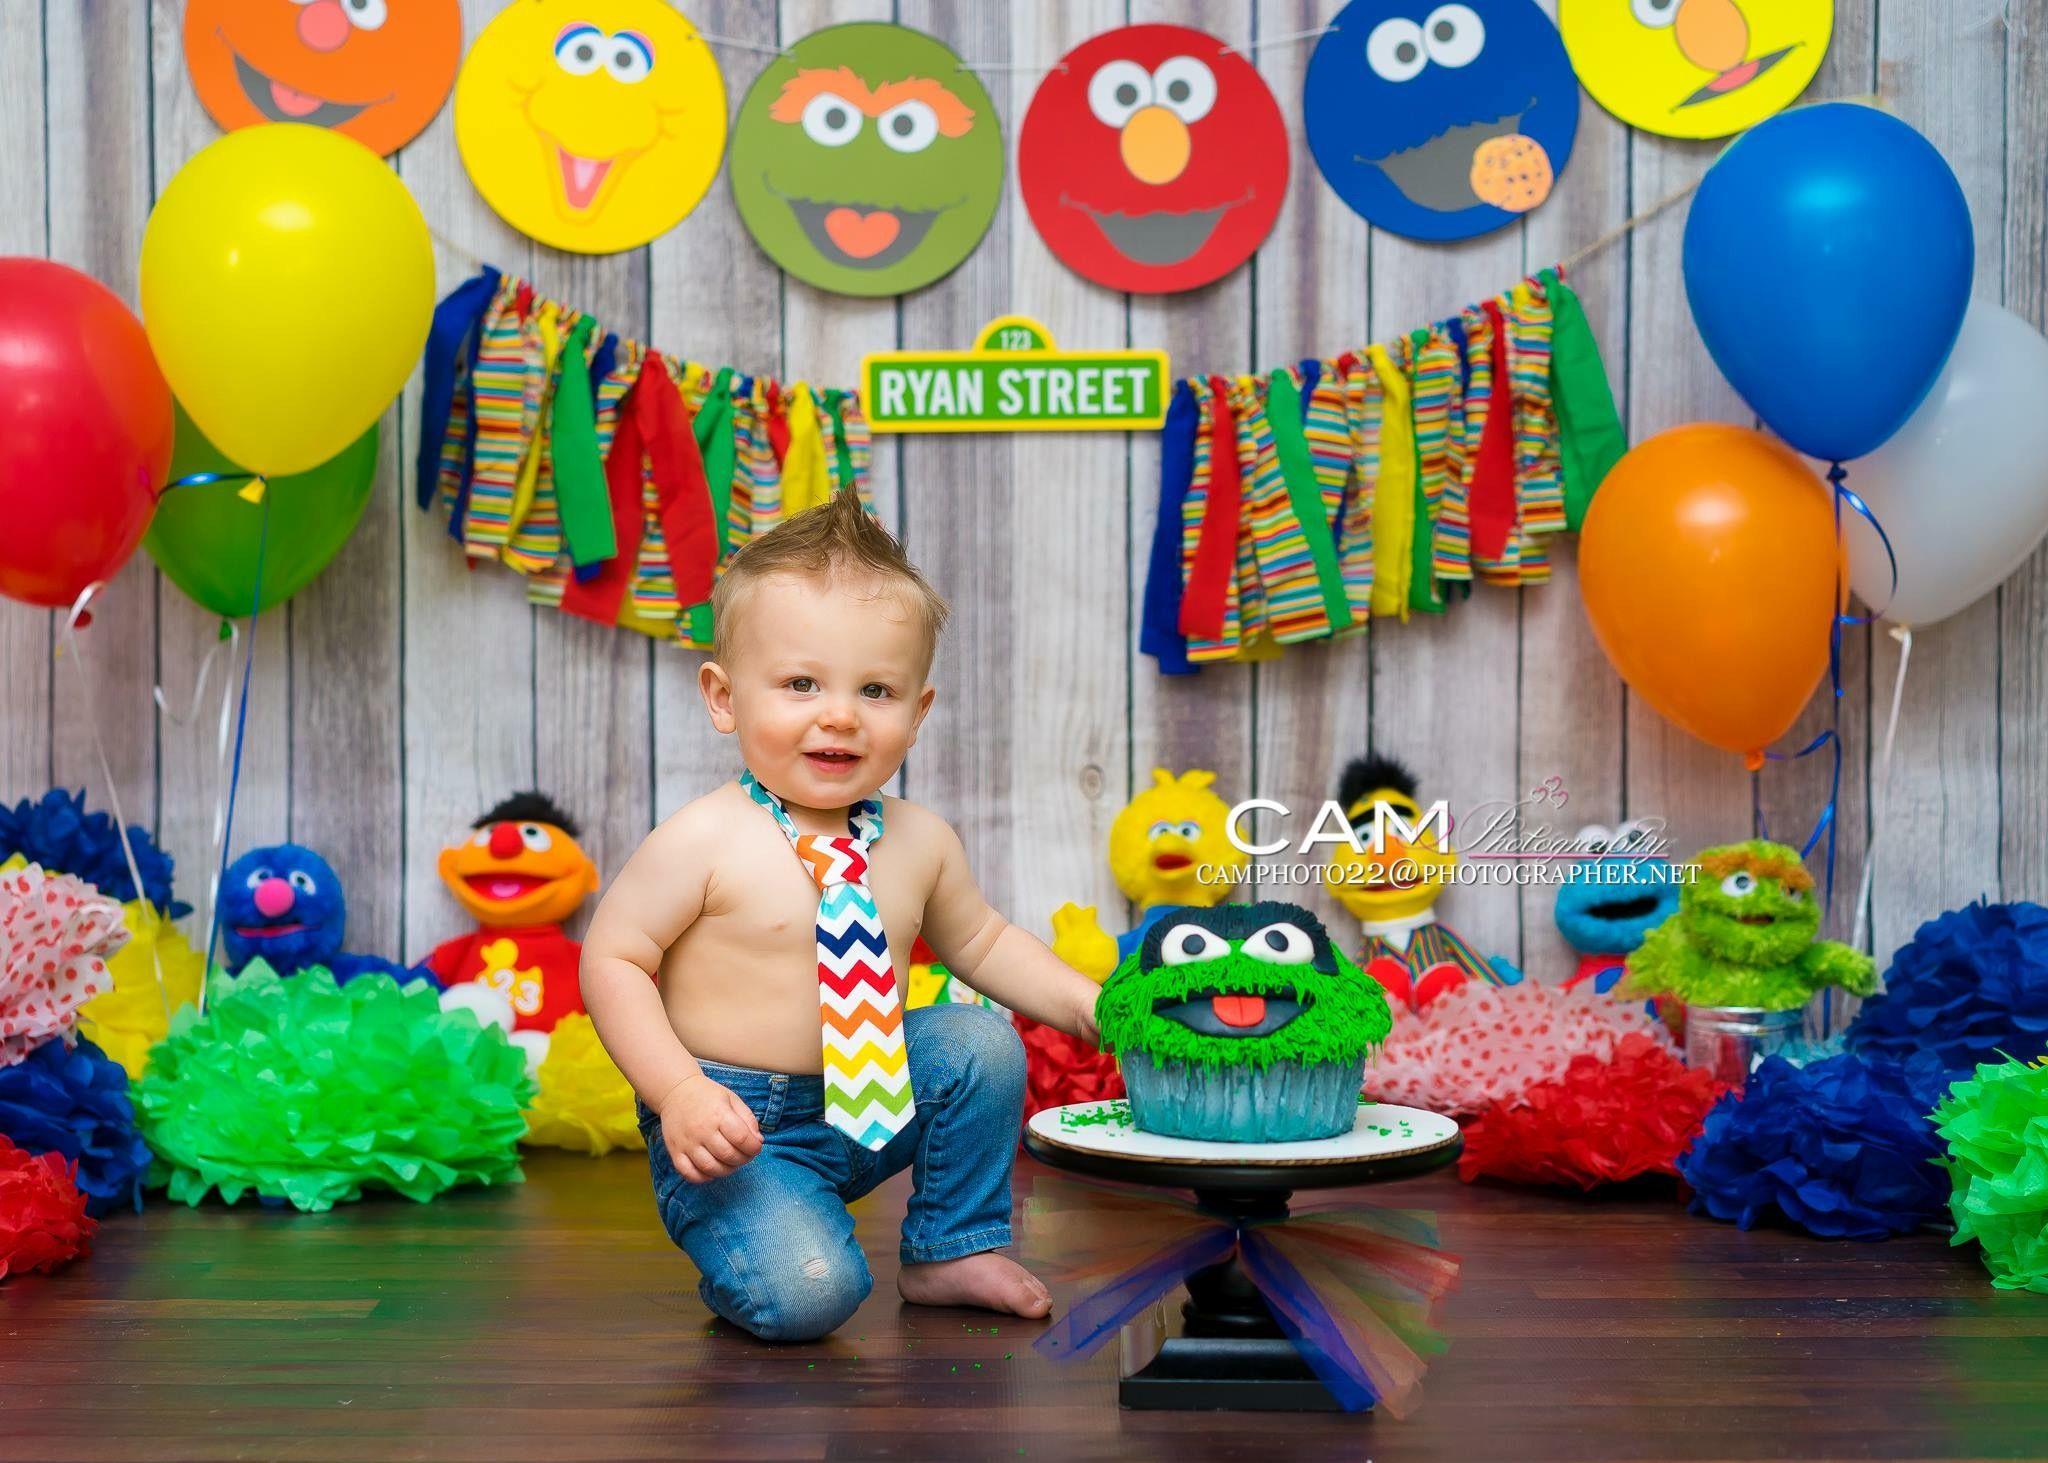 Fabulous Sesame Street First Birthday Cake Smash Photo Theme Interior Design Ideas Tzicisoteloinfo